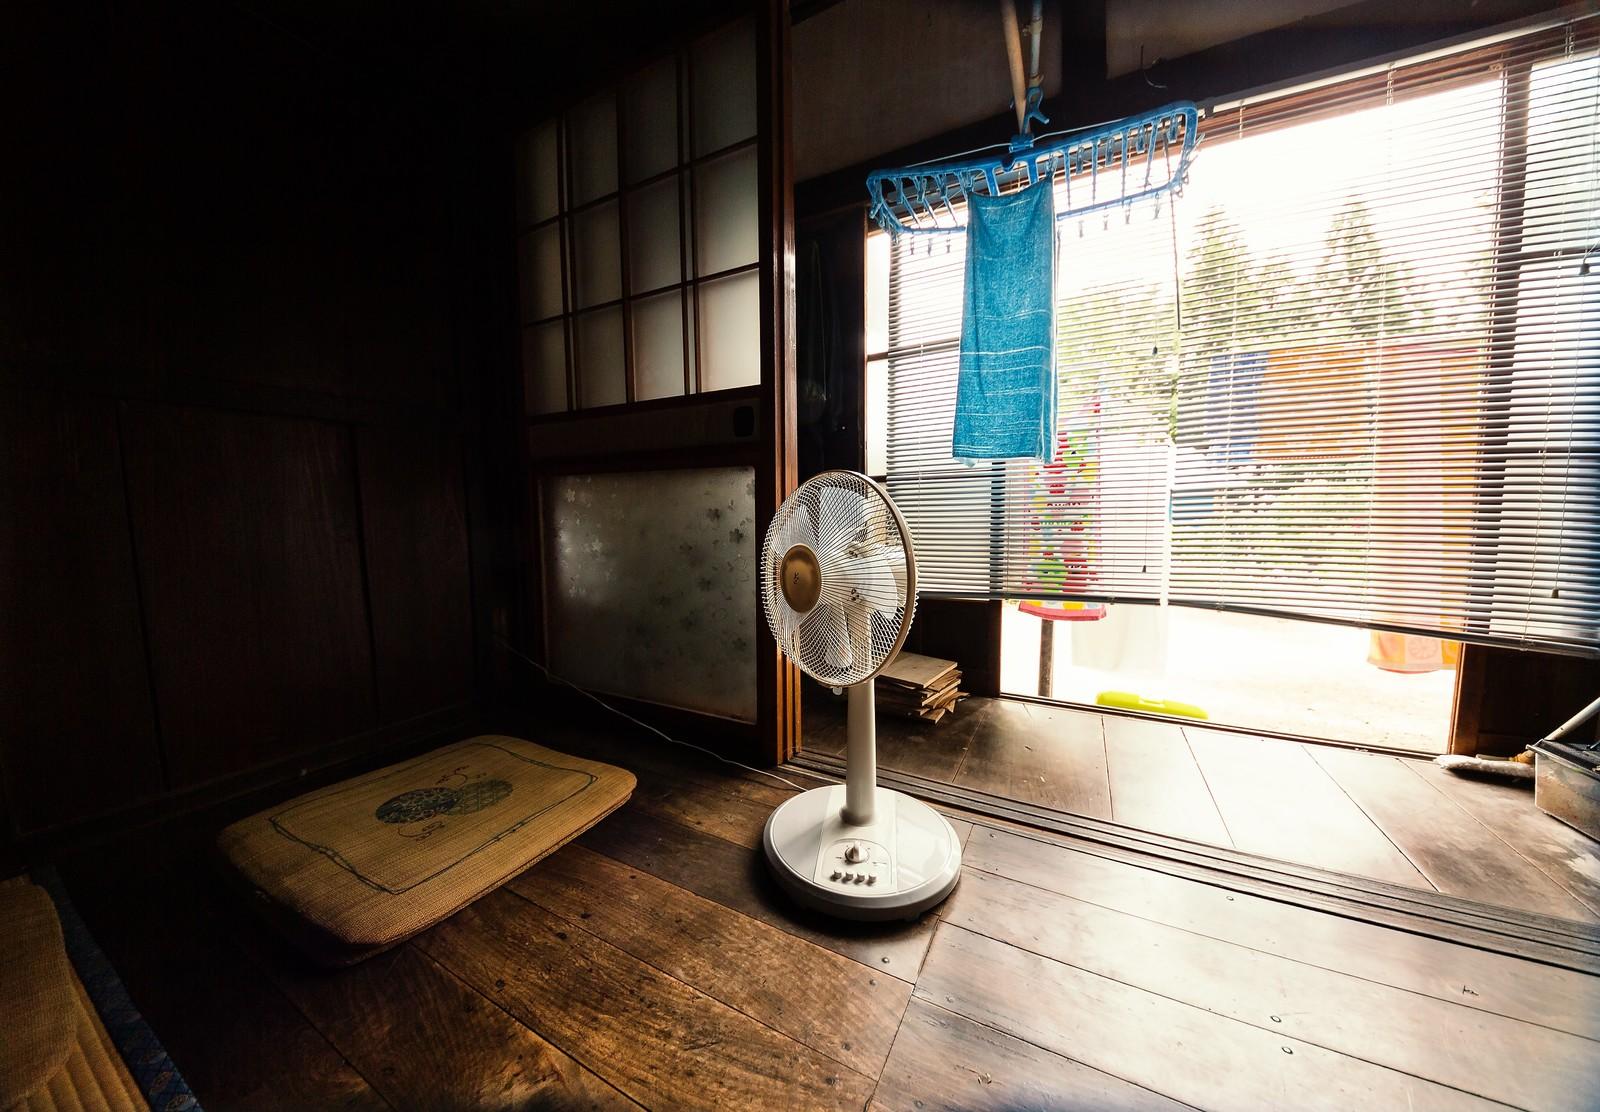 熱帯地域出身の外国人の6割が「日本の夏は母国より過ごしにくい」